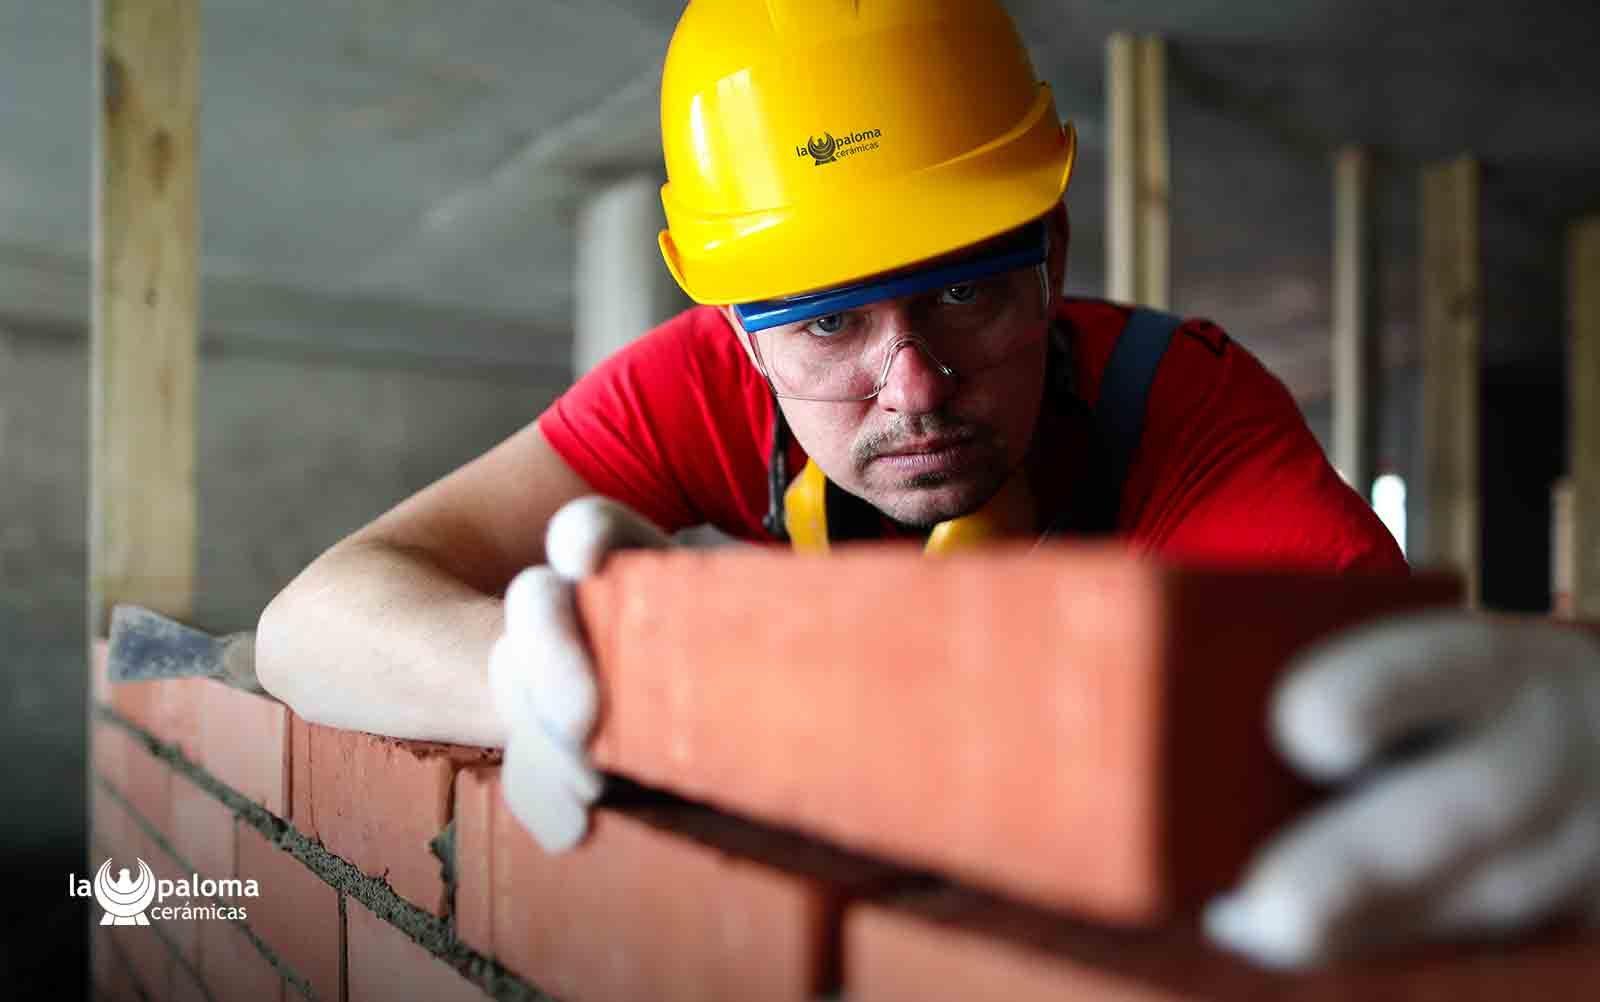 La resistencia y durabilidad son la esencia de los ladrillos no vistos